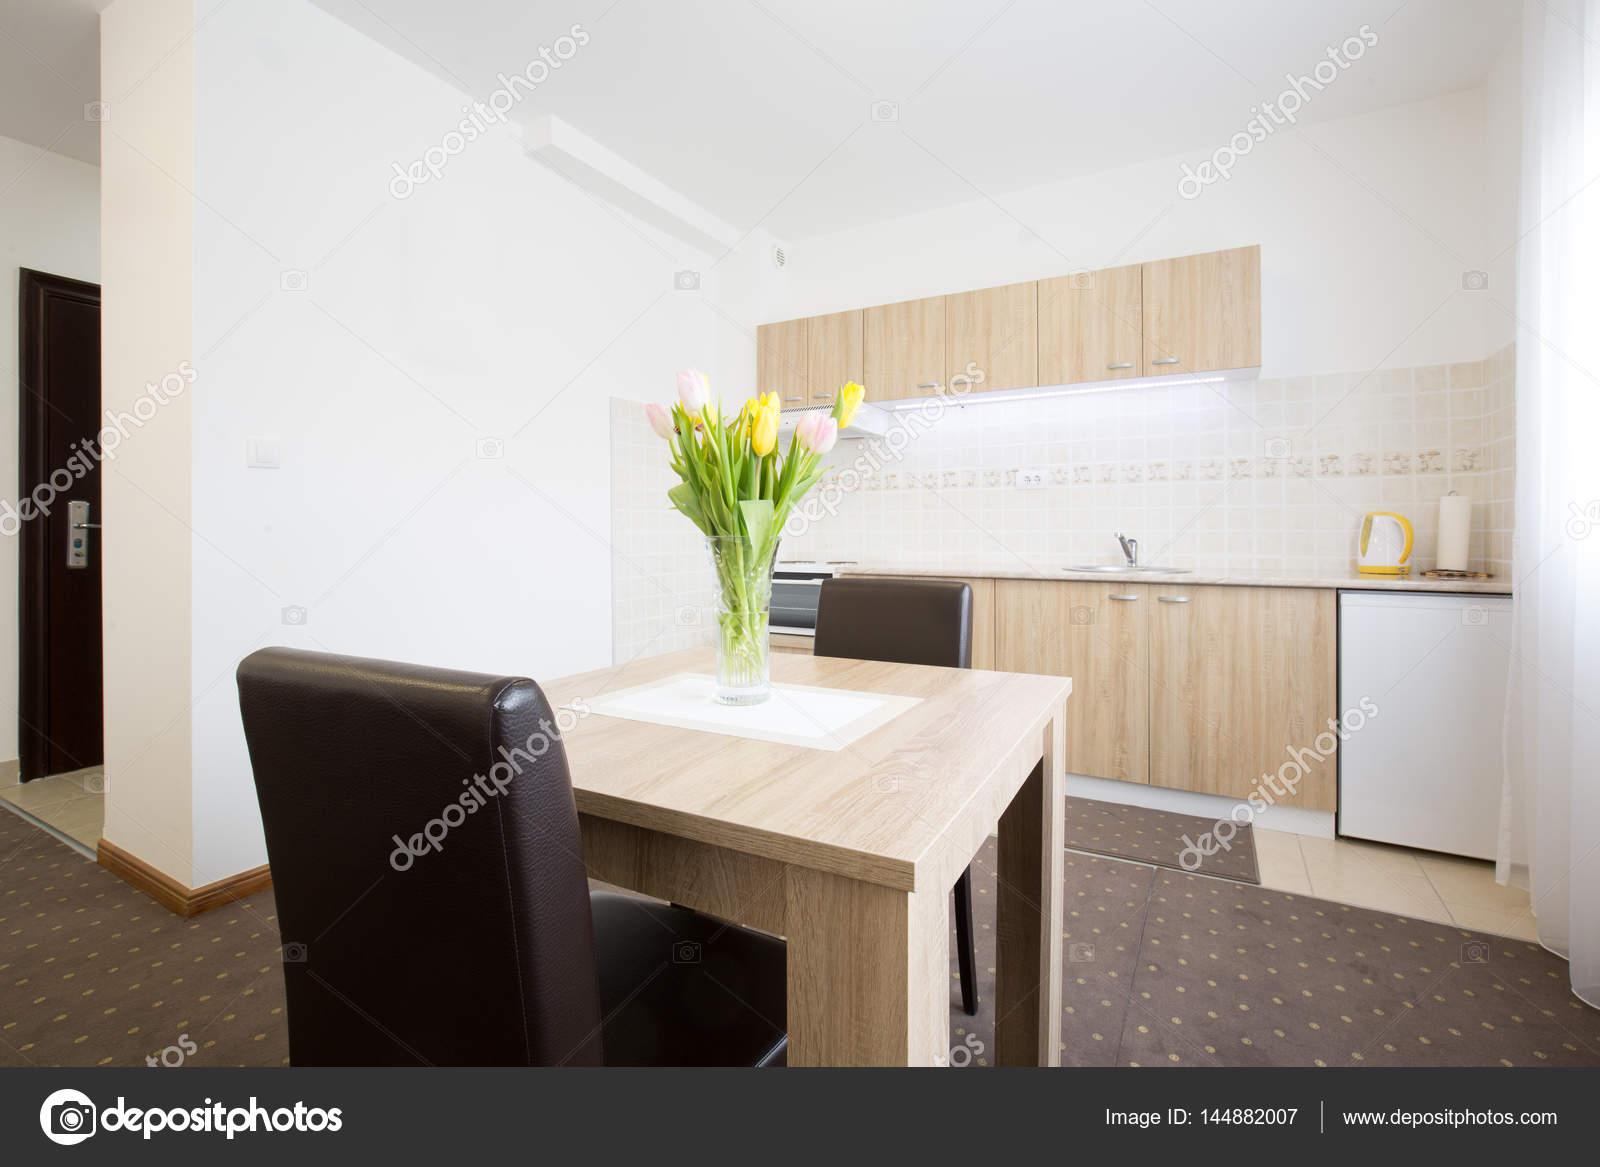 Wohnung Küche Interior design — Stockfoto © rilueda #144882007